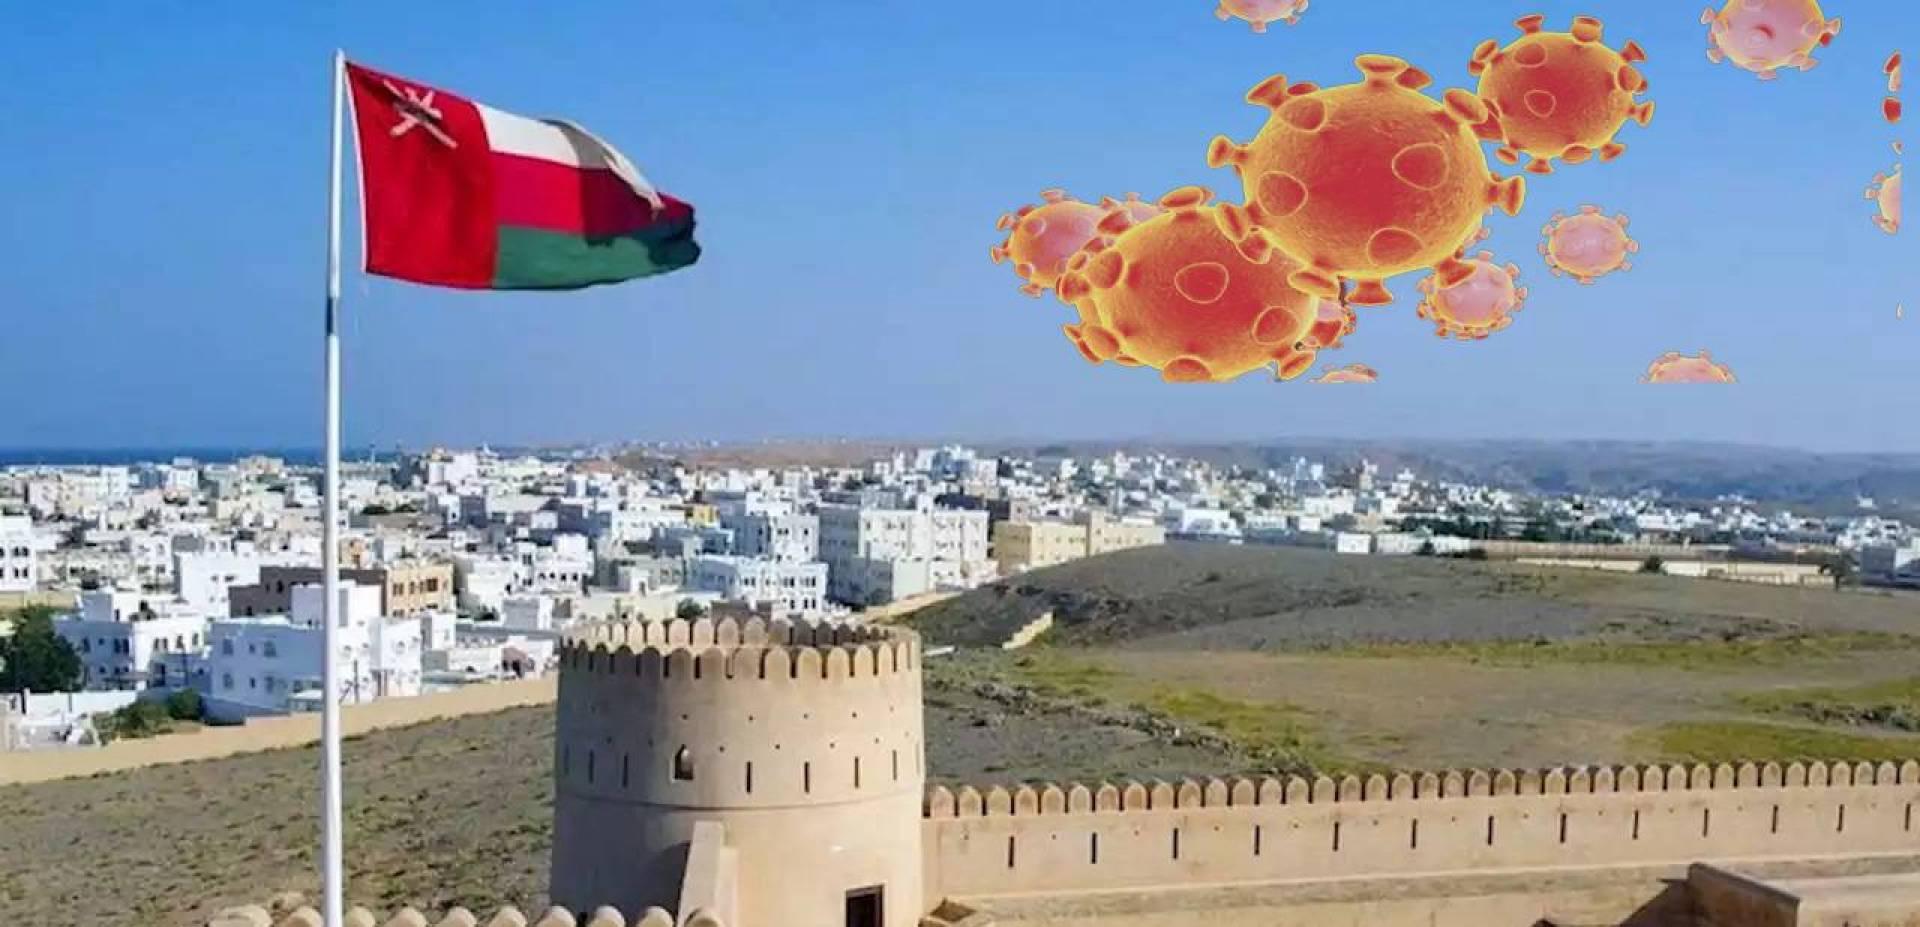 عُمان: تمديد إغلاق العاصمة مسقط ومناطق أخرى إلى الـ 29 من الشهر الحالي